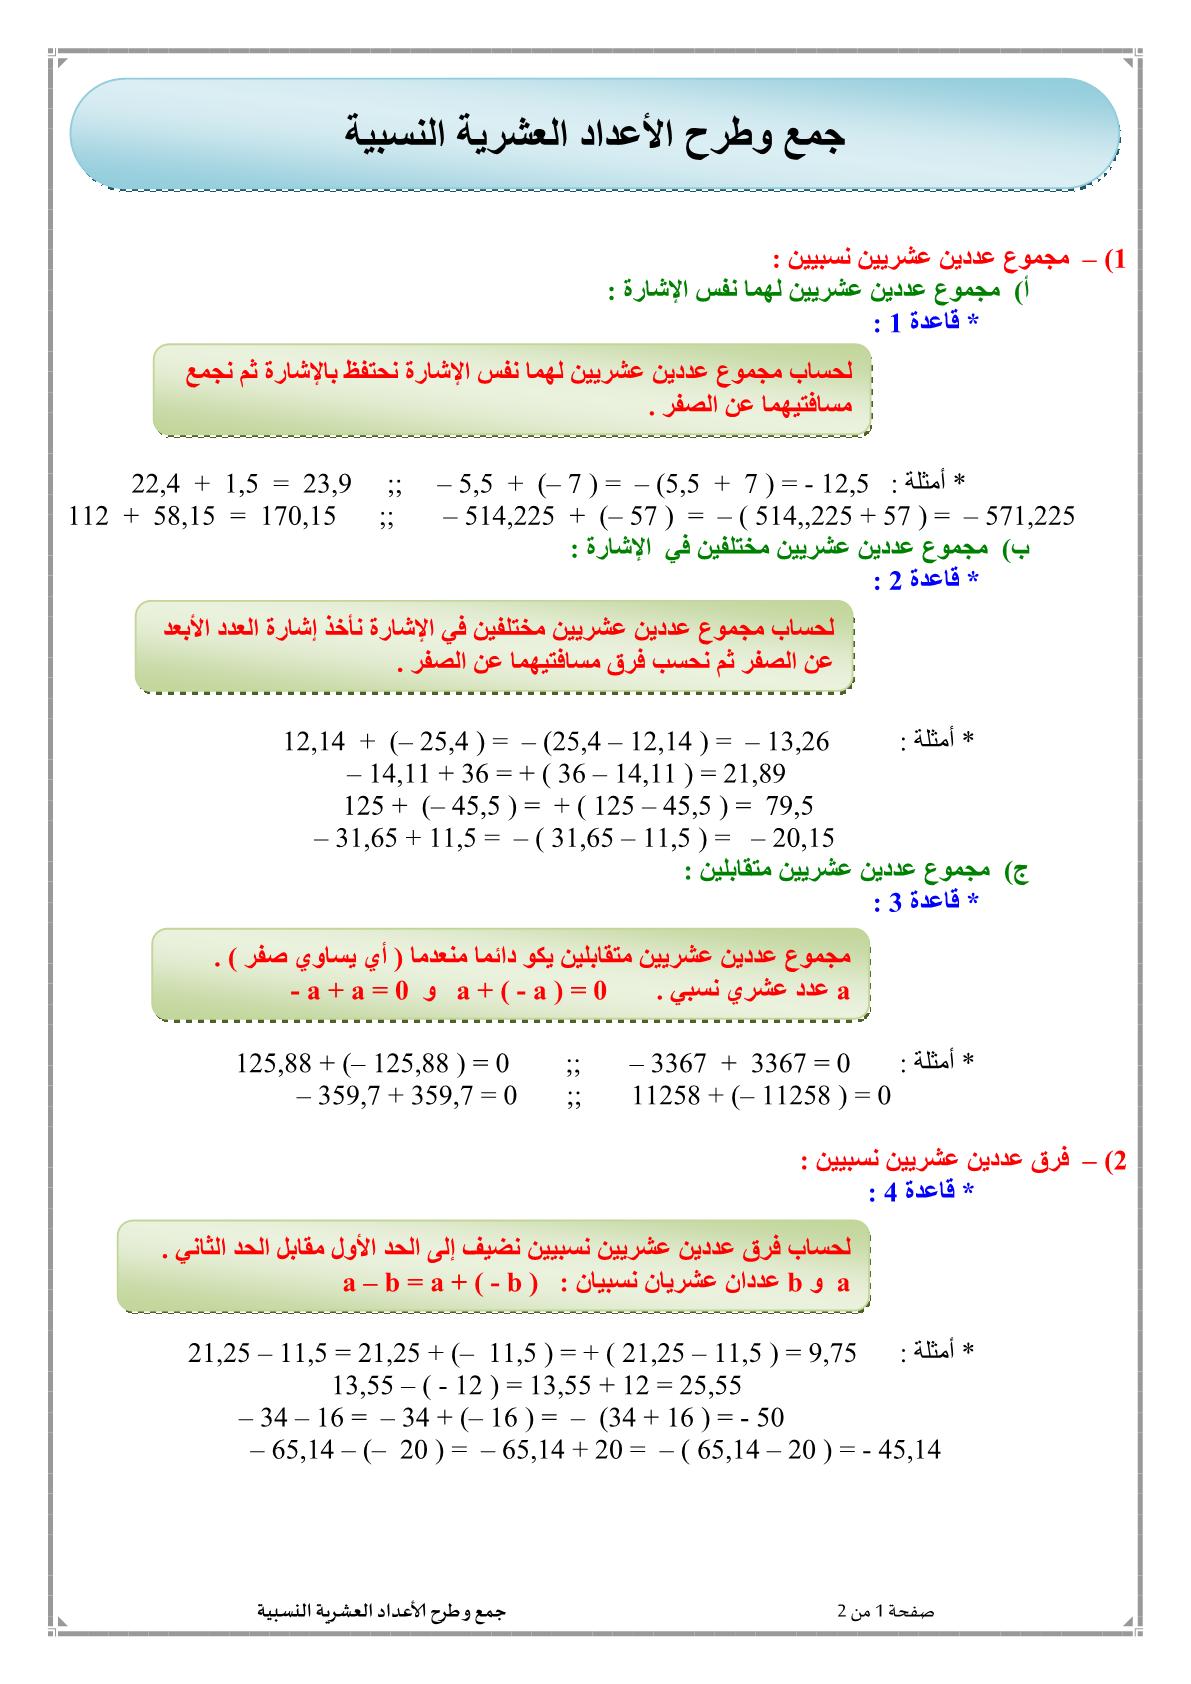 درس جمع وطرح الأعداد العشرية النسبية للسنة الأولى إعدادي